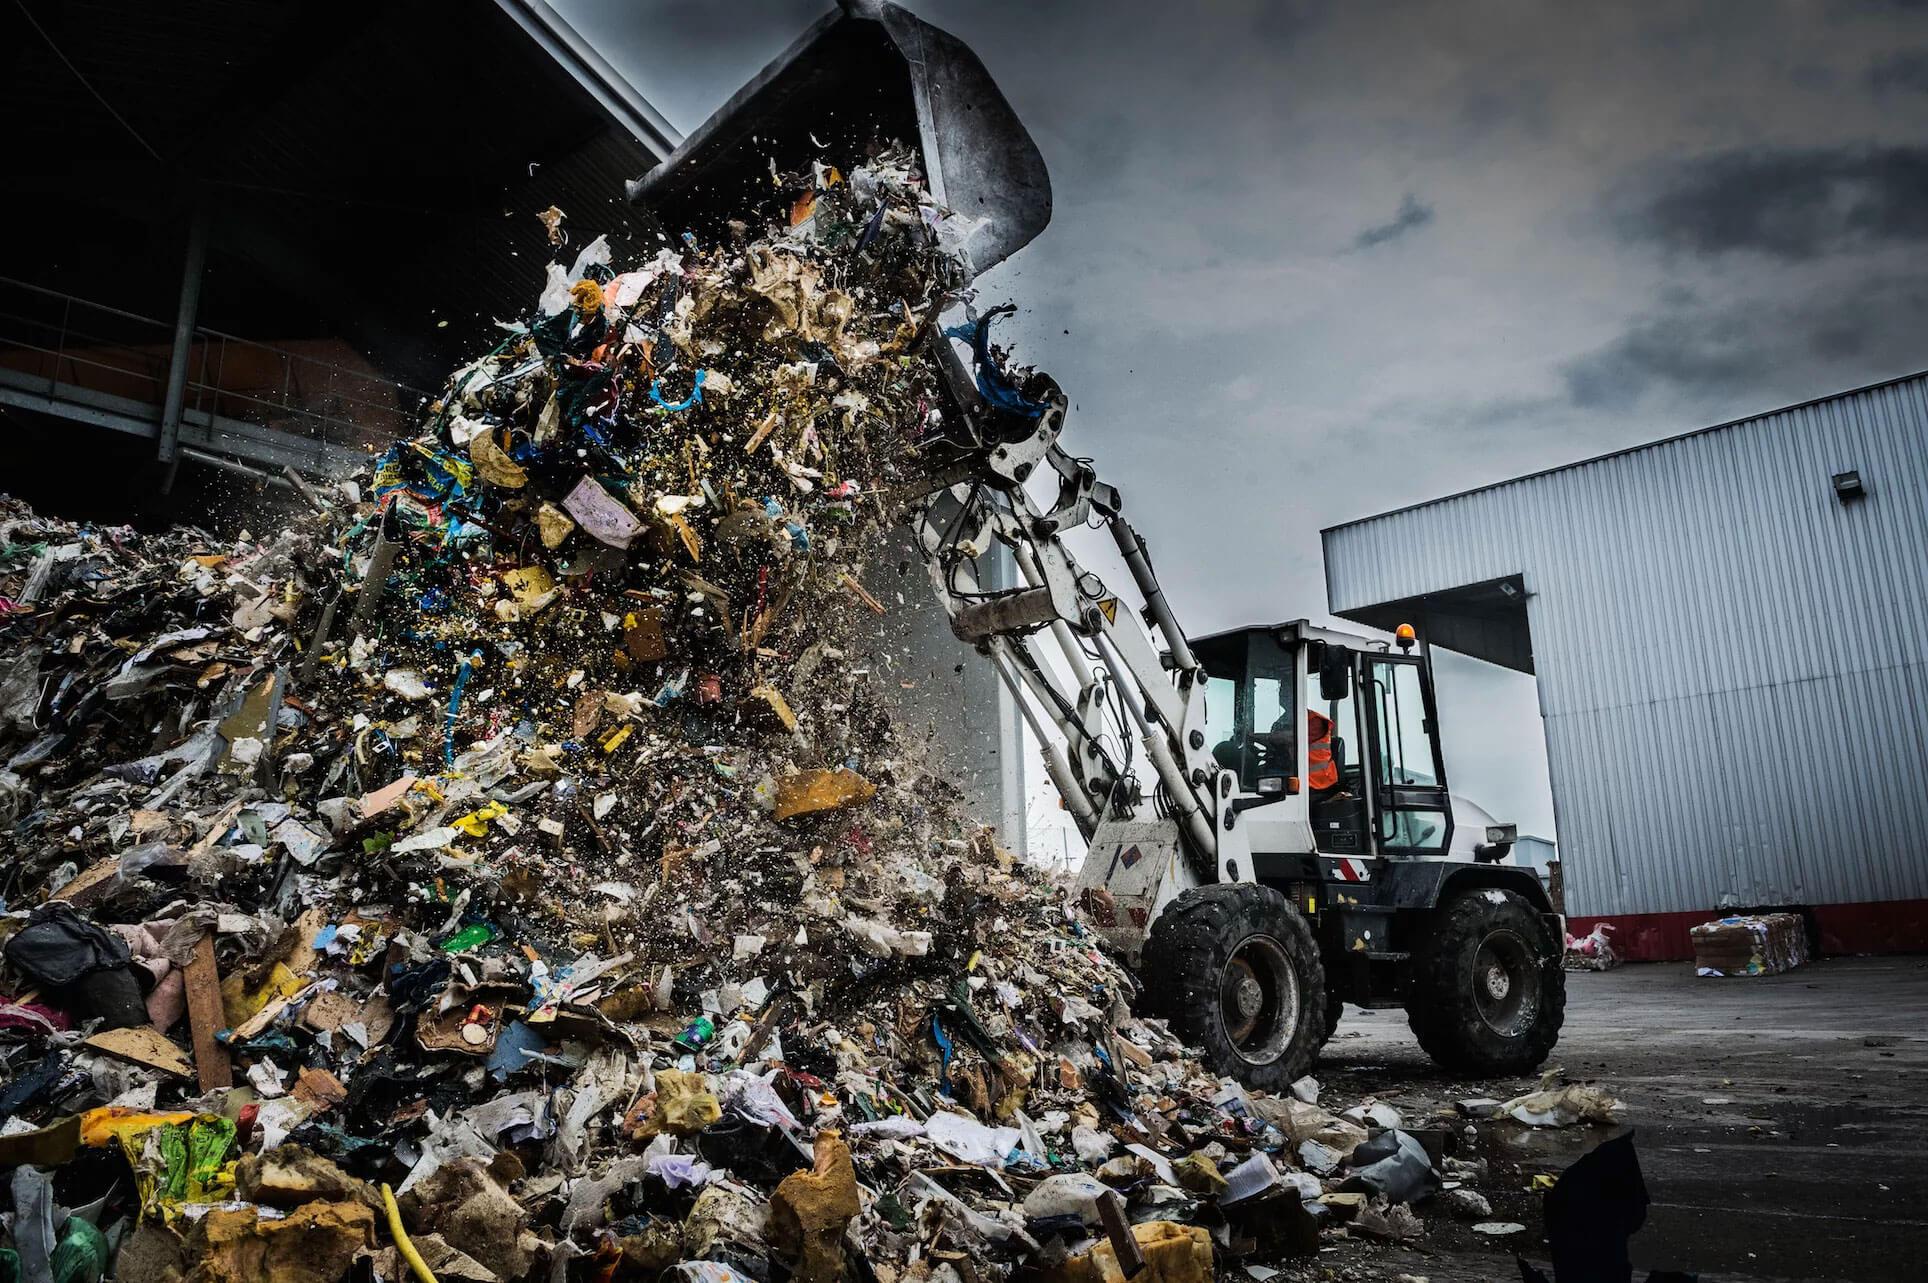 Глава 47-го региона оценил новую технологию утилизации мусора